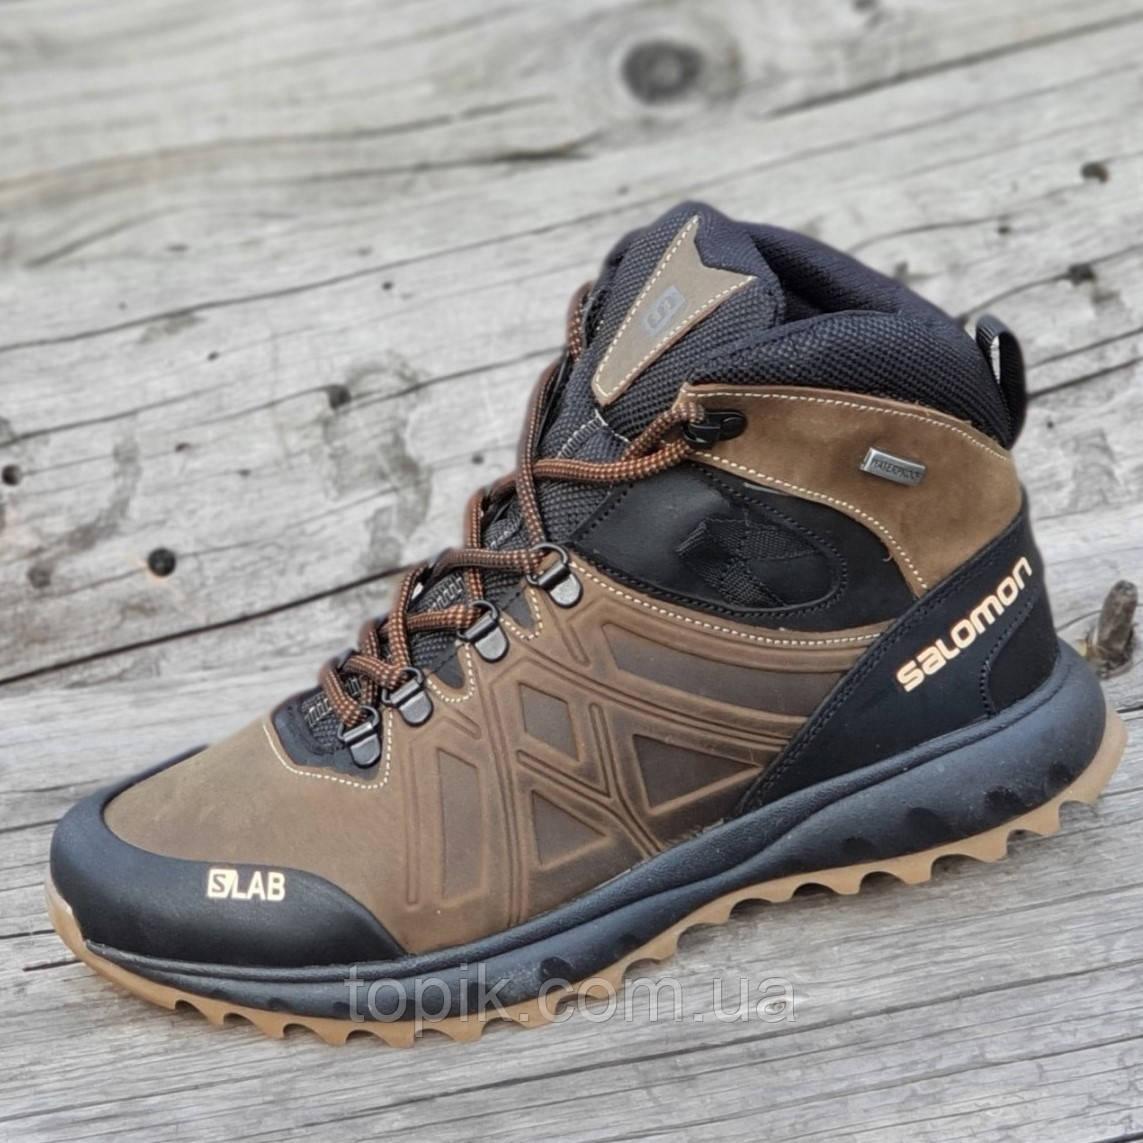 Зимние спортивные кожаные ботинки реплика мужские коричневые натуральный мех (Код: 1270)